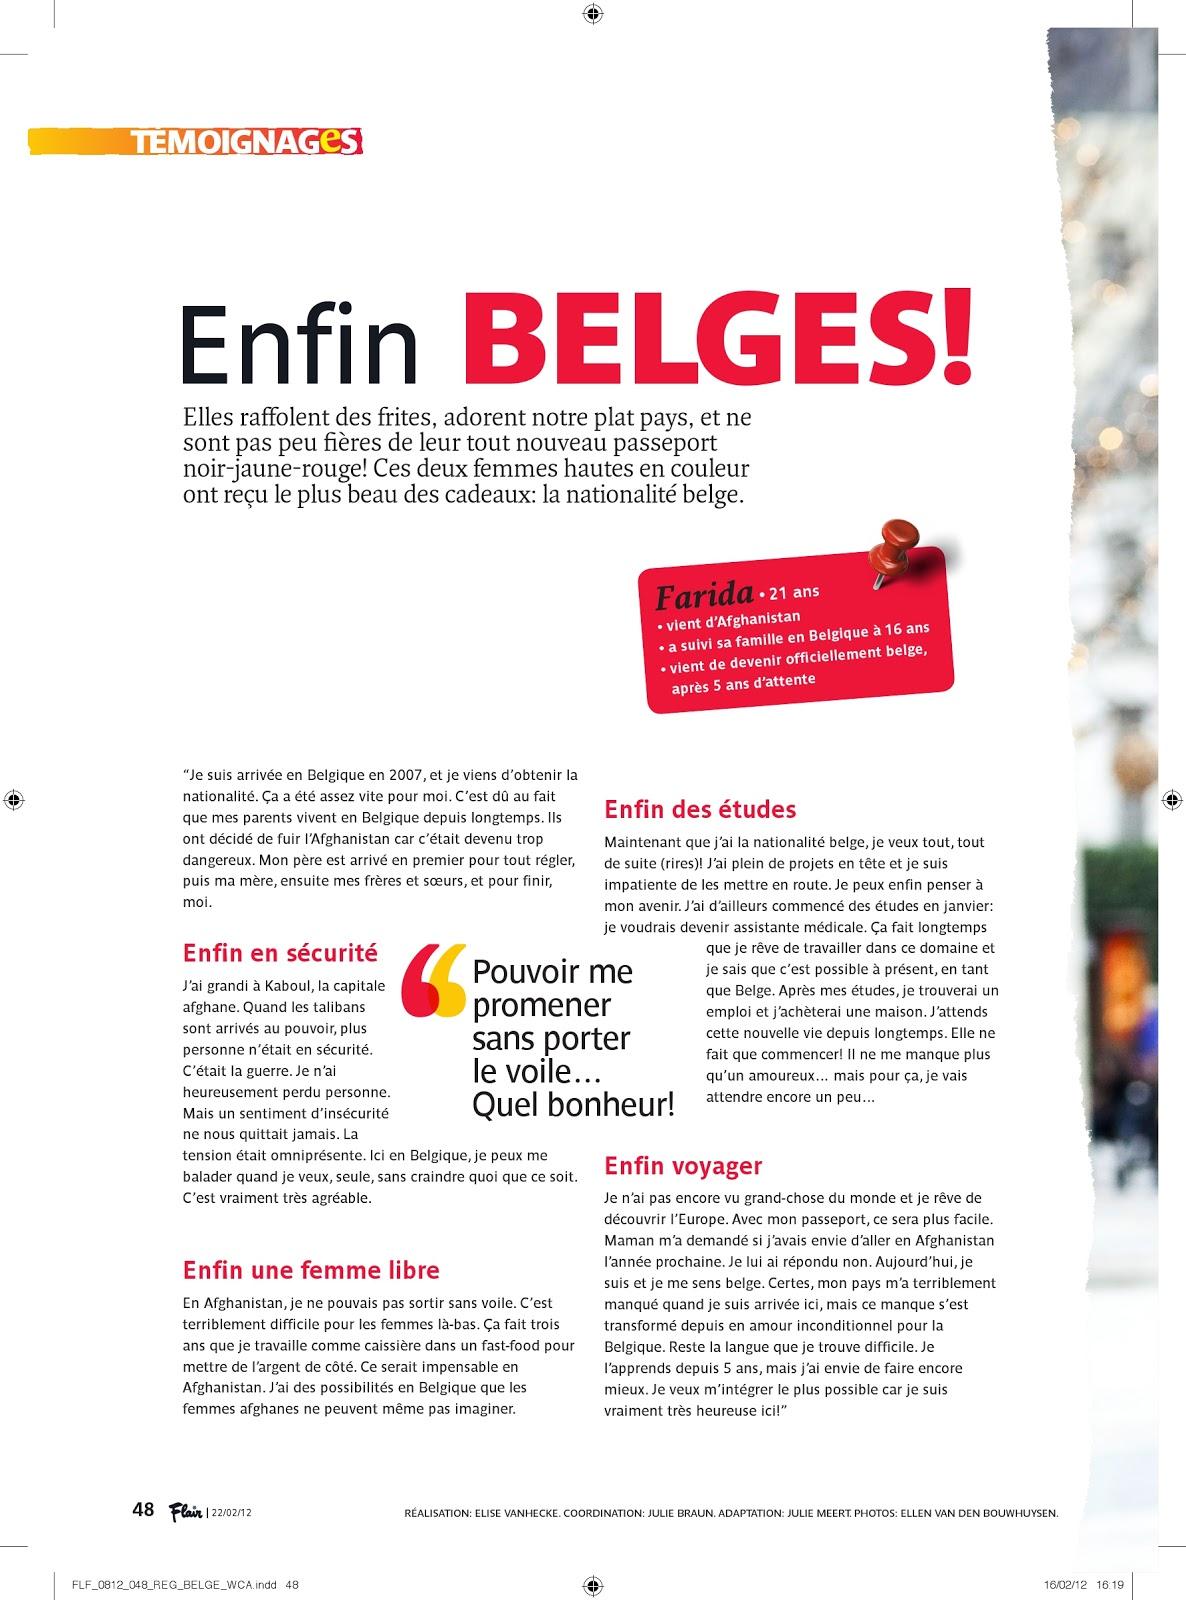 julie meert - journaliste   u0026quot enfin belges u0026quot   02  2012  traduction